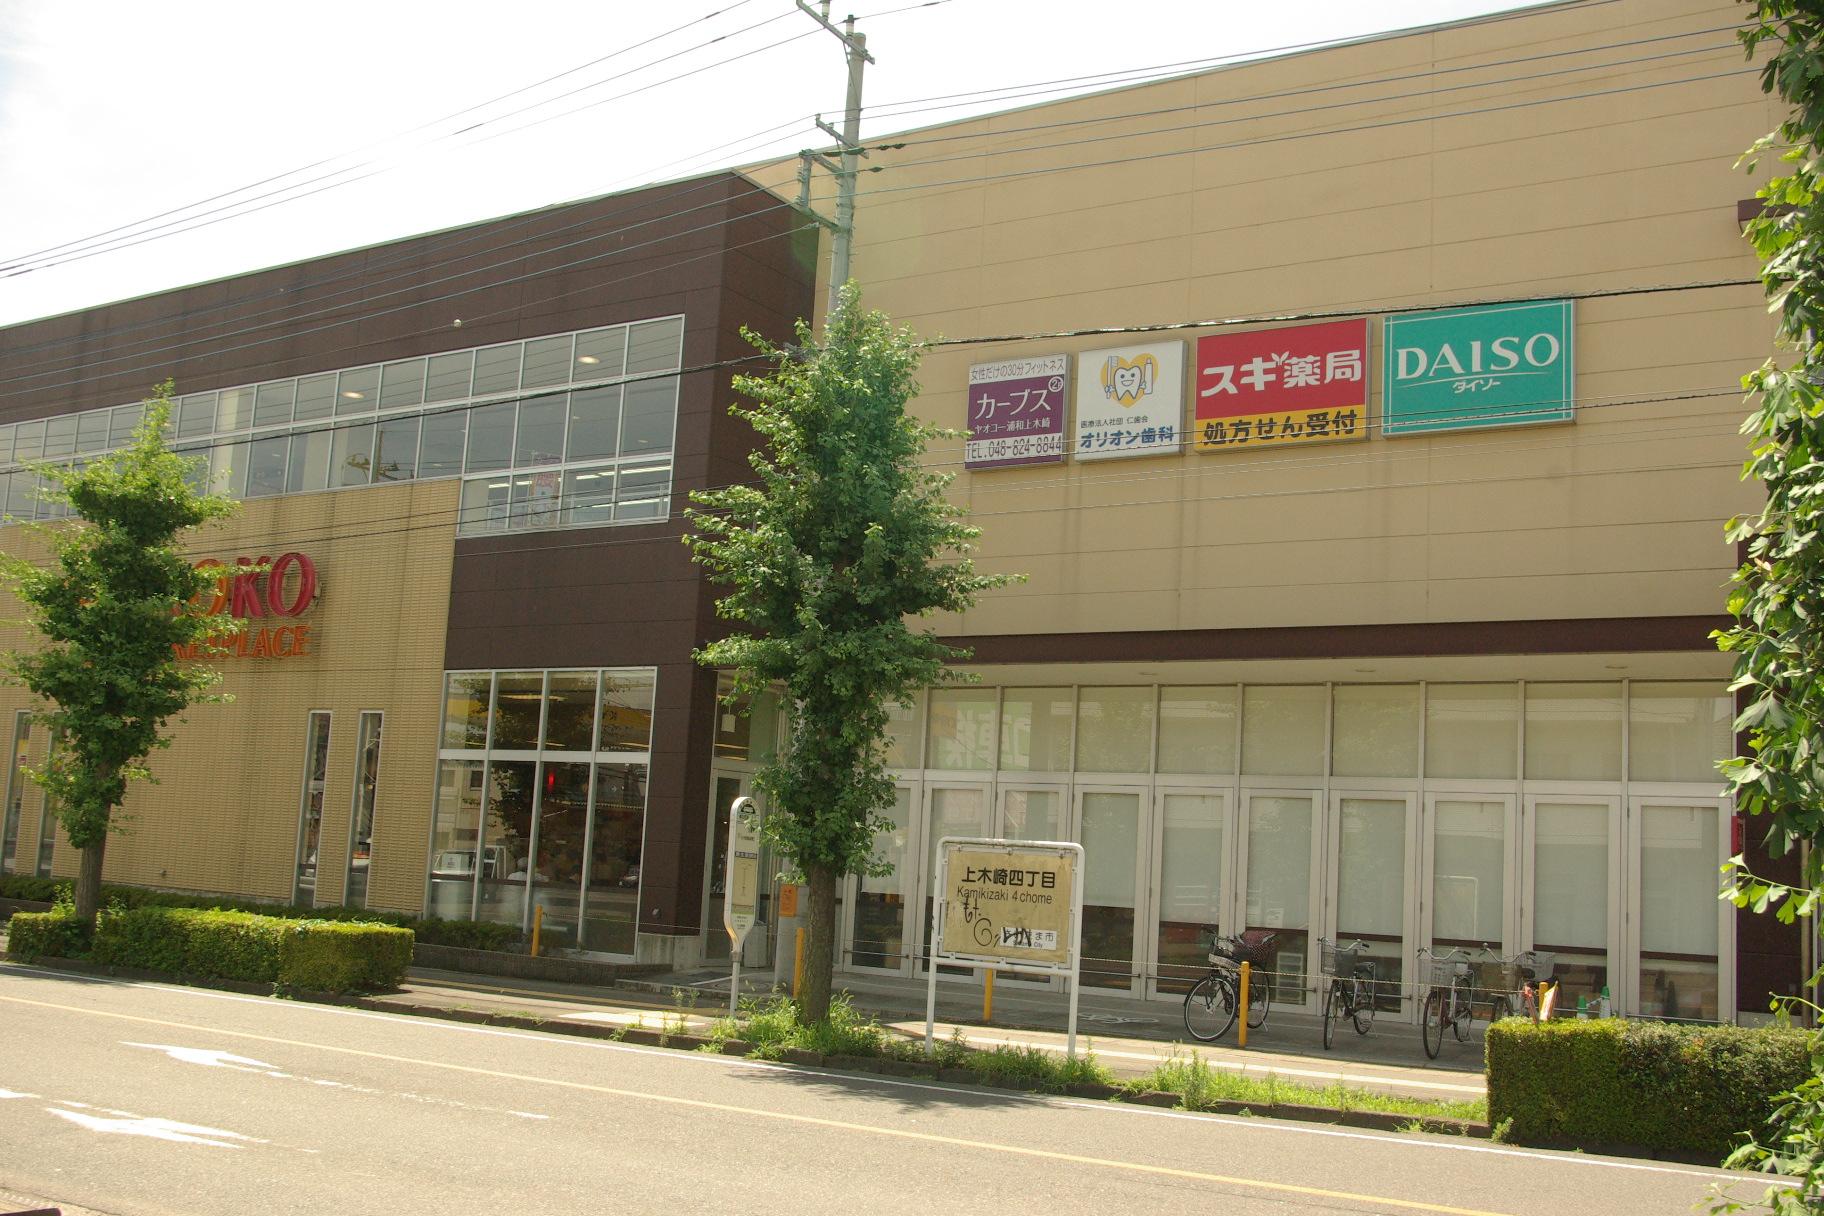 ヤオコー・ダイソー・スギ薬局 720m